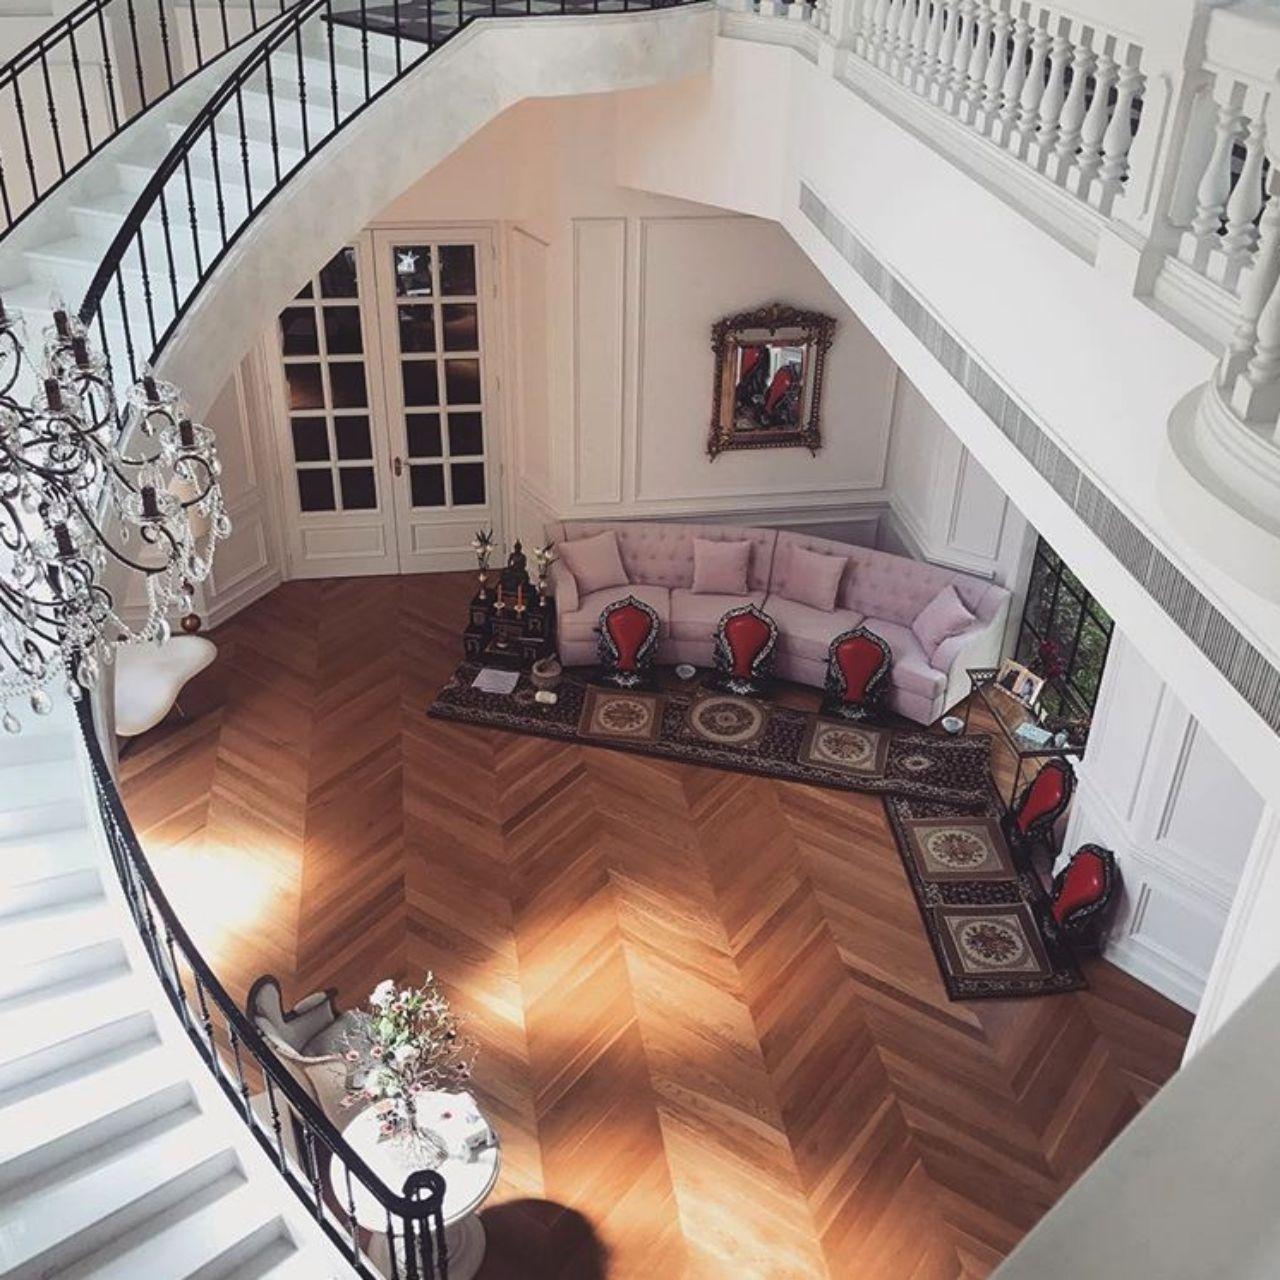 ภายในบ้านสวยที่สุด